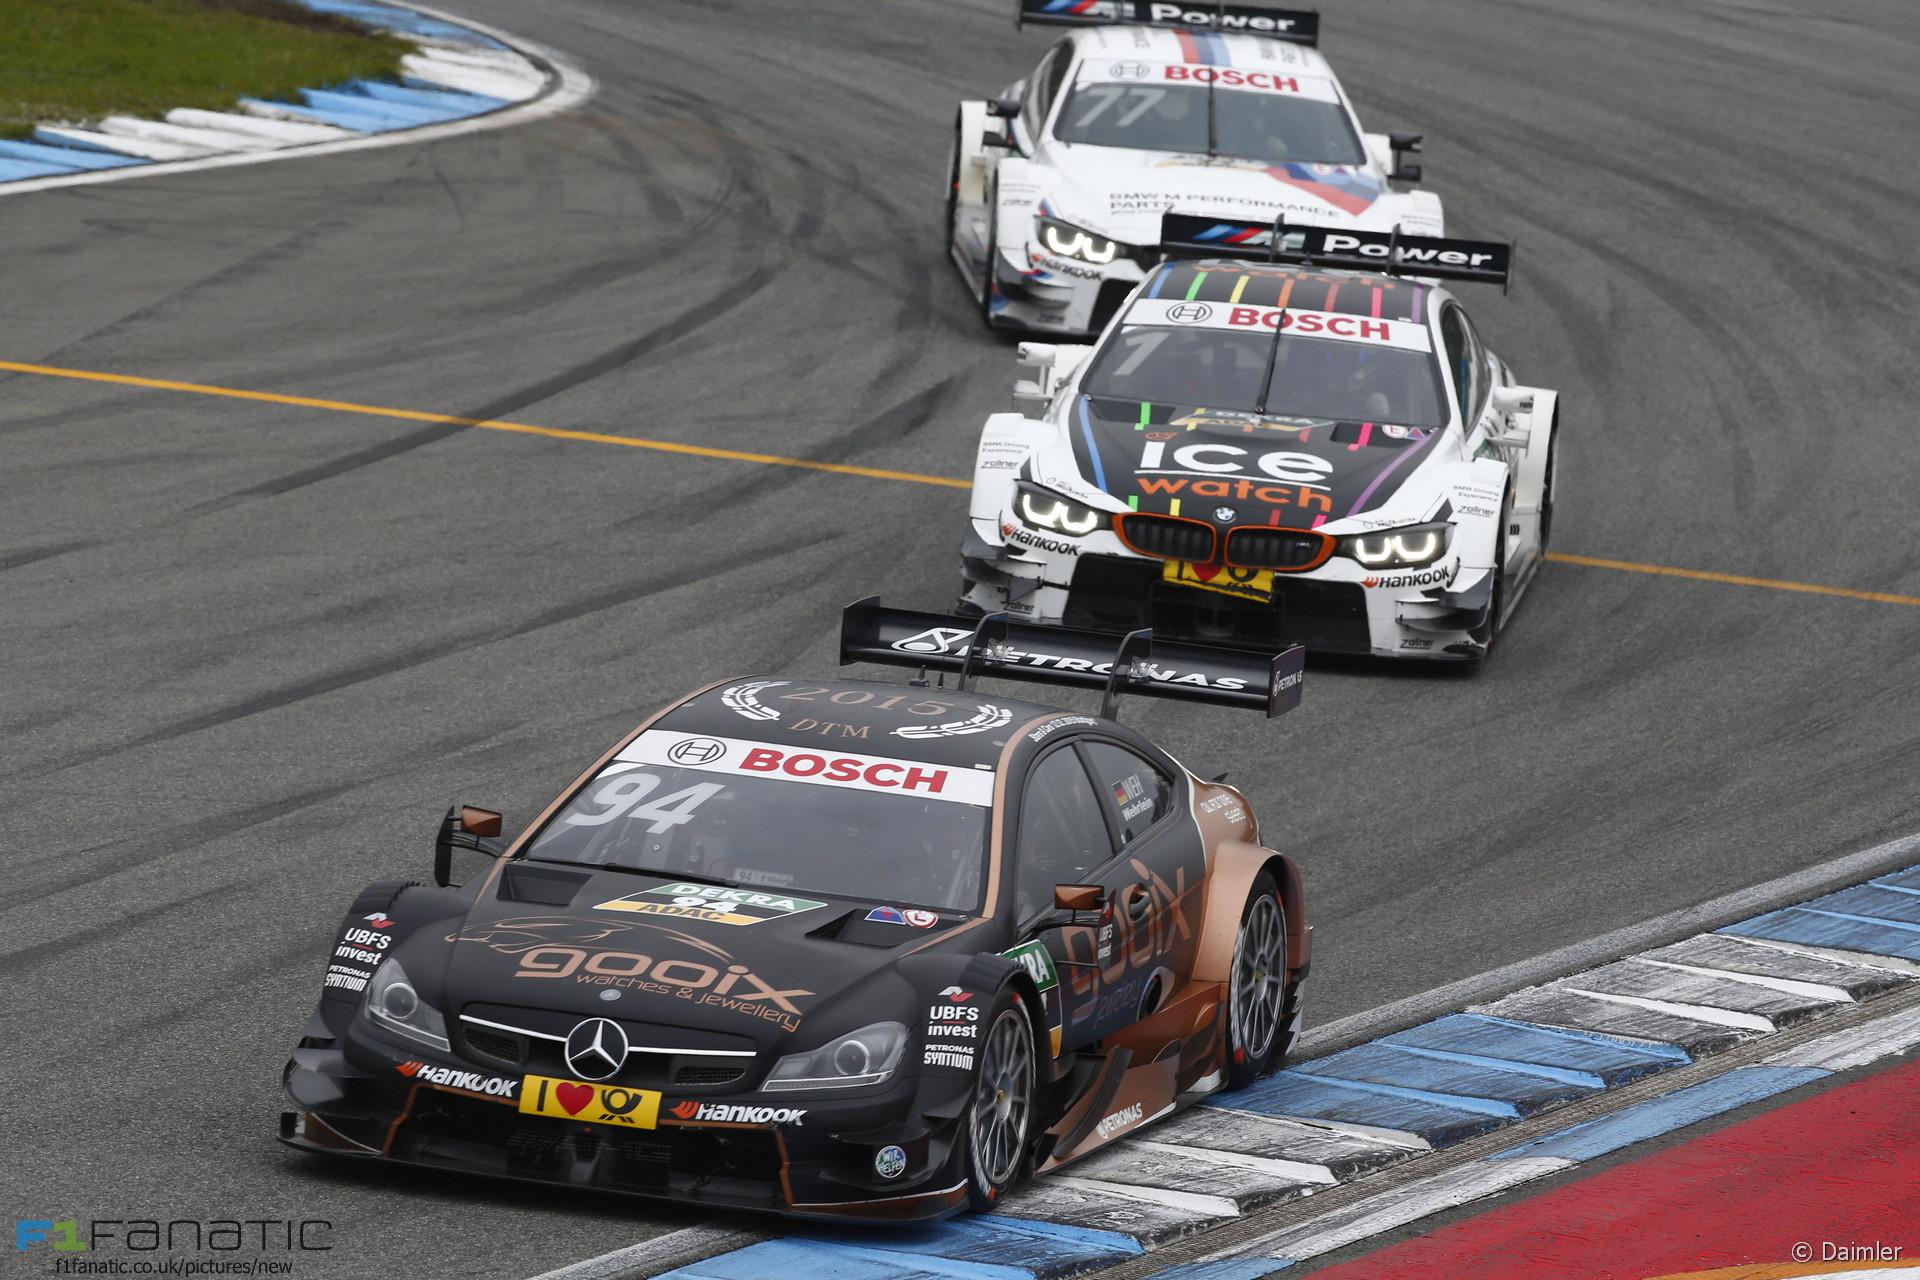 Pascal Wehrlein, Mercedes, DTM, Hockenheimring, 2015